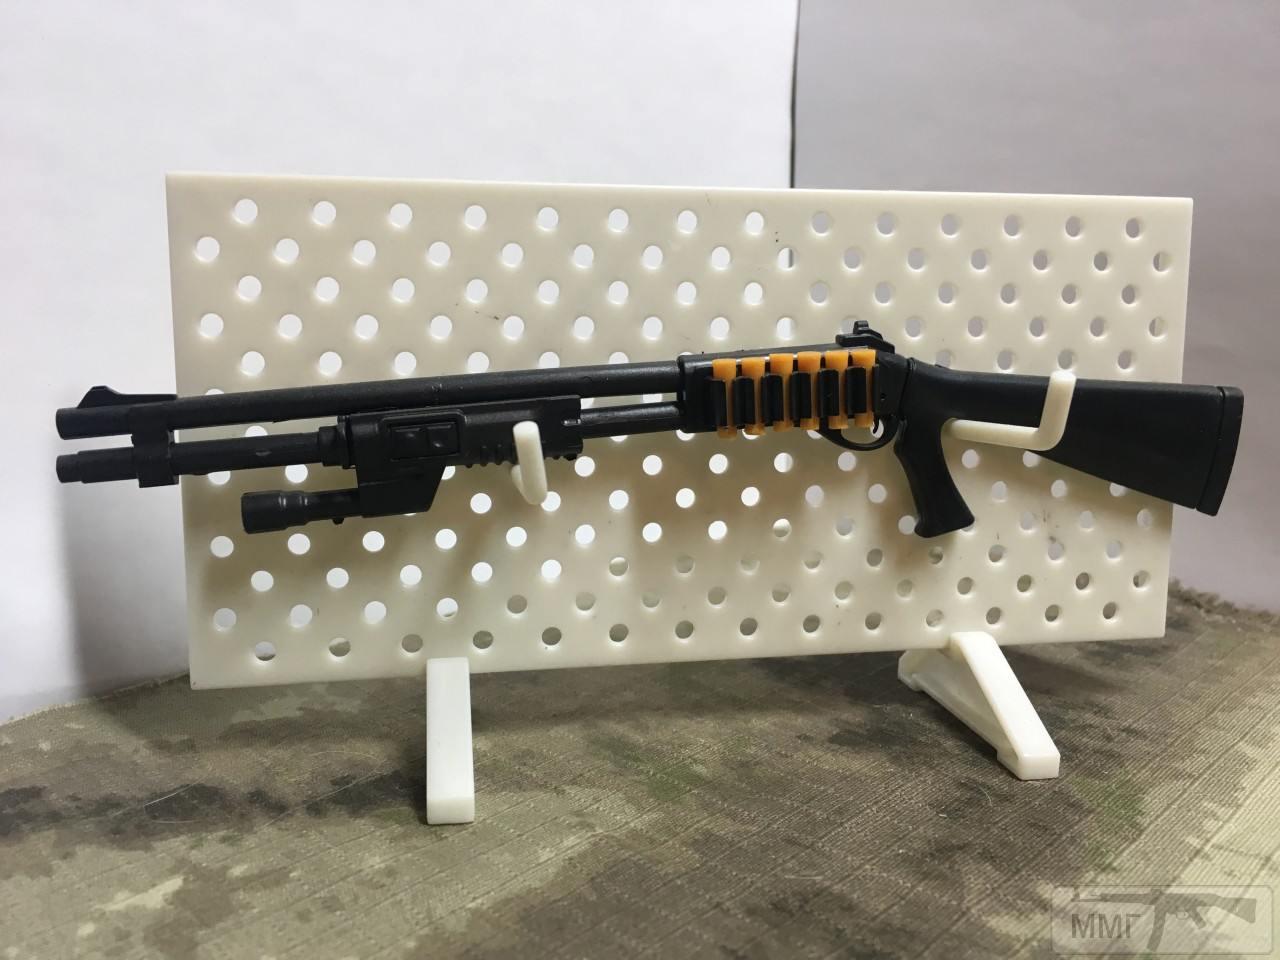 54024 - Макеты оружия/ модели 1:6